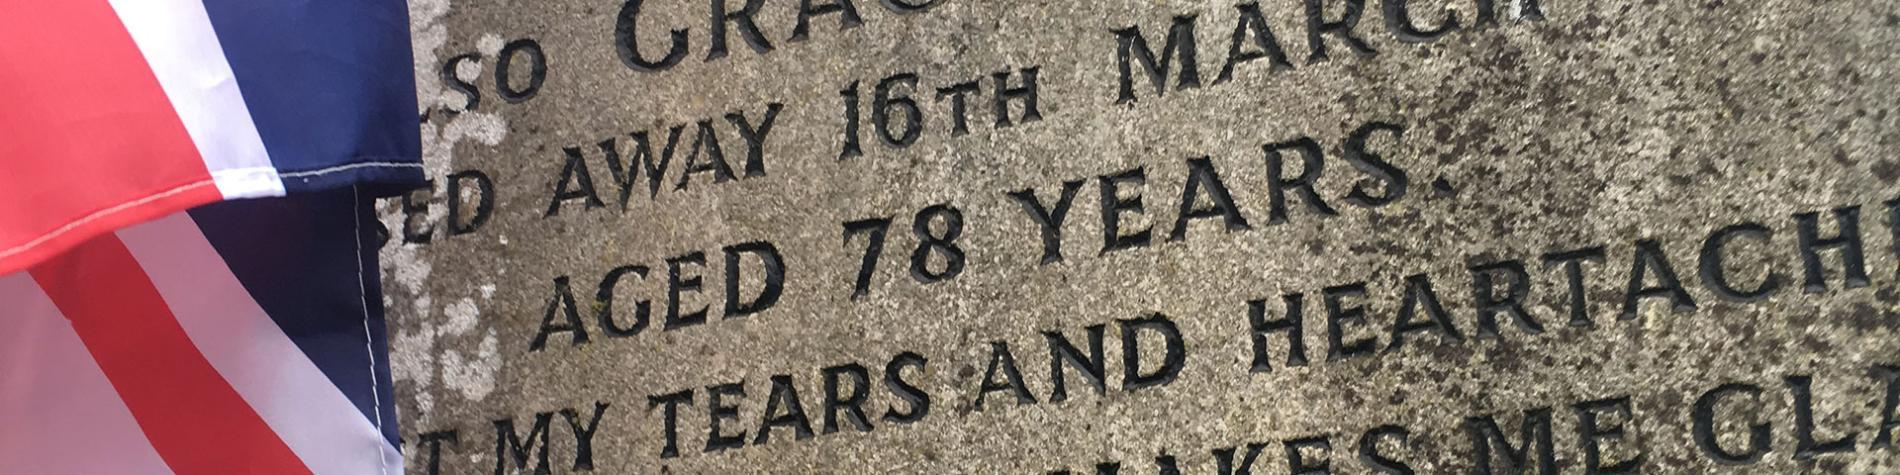 Arthur Frederick Carter - memorial 14-18